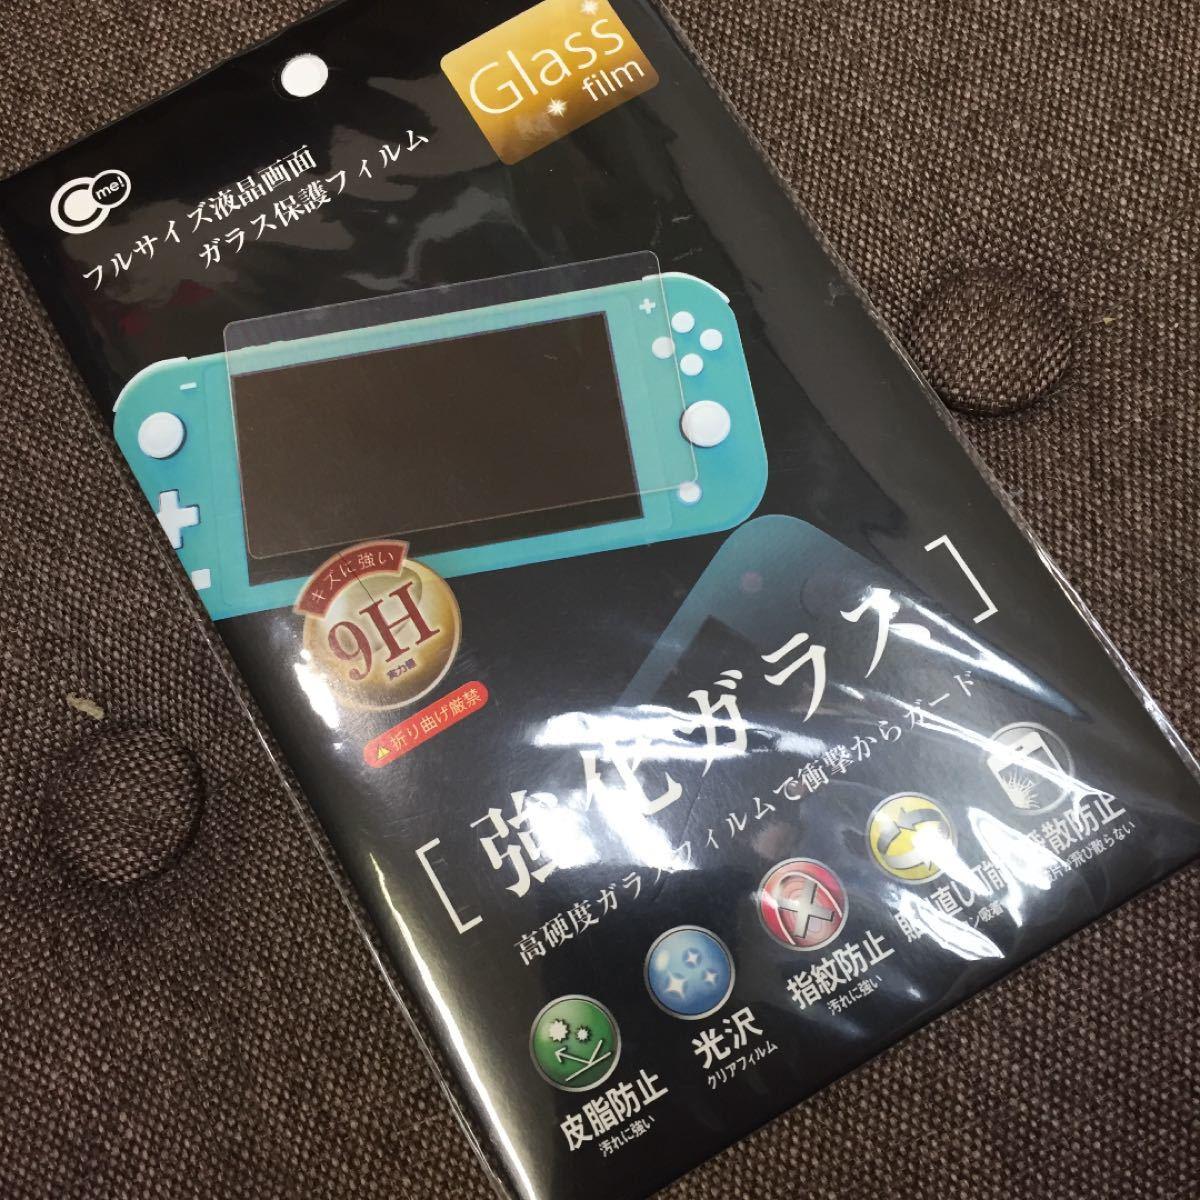 Nintendo Switch Lite スイッチ 強化ガラス 保護フィルム ダイソー キャンドゥ セリア